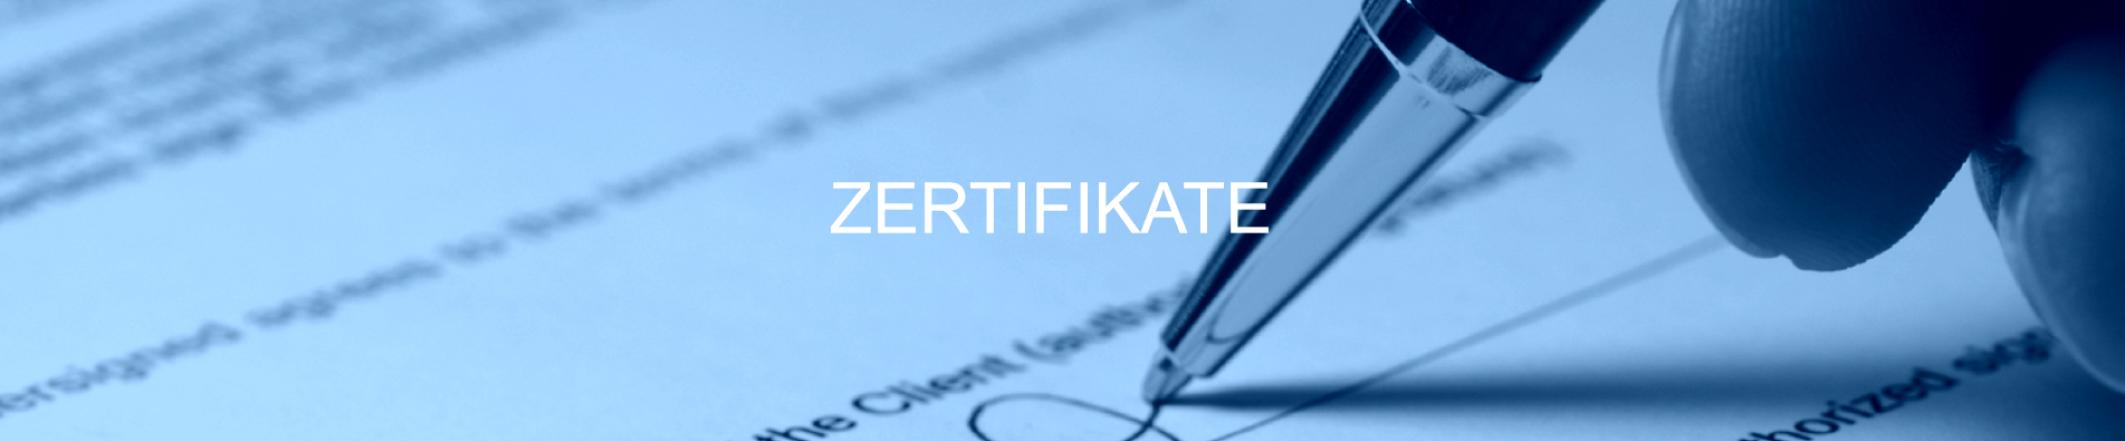 Zertifikate, Auszeichnungen, Dekra, tüv, Brandschutzbeauftragter, Brandschutzmanager